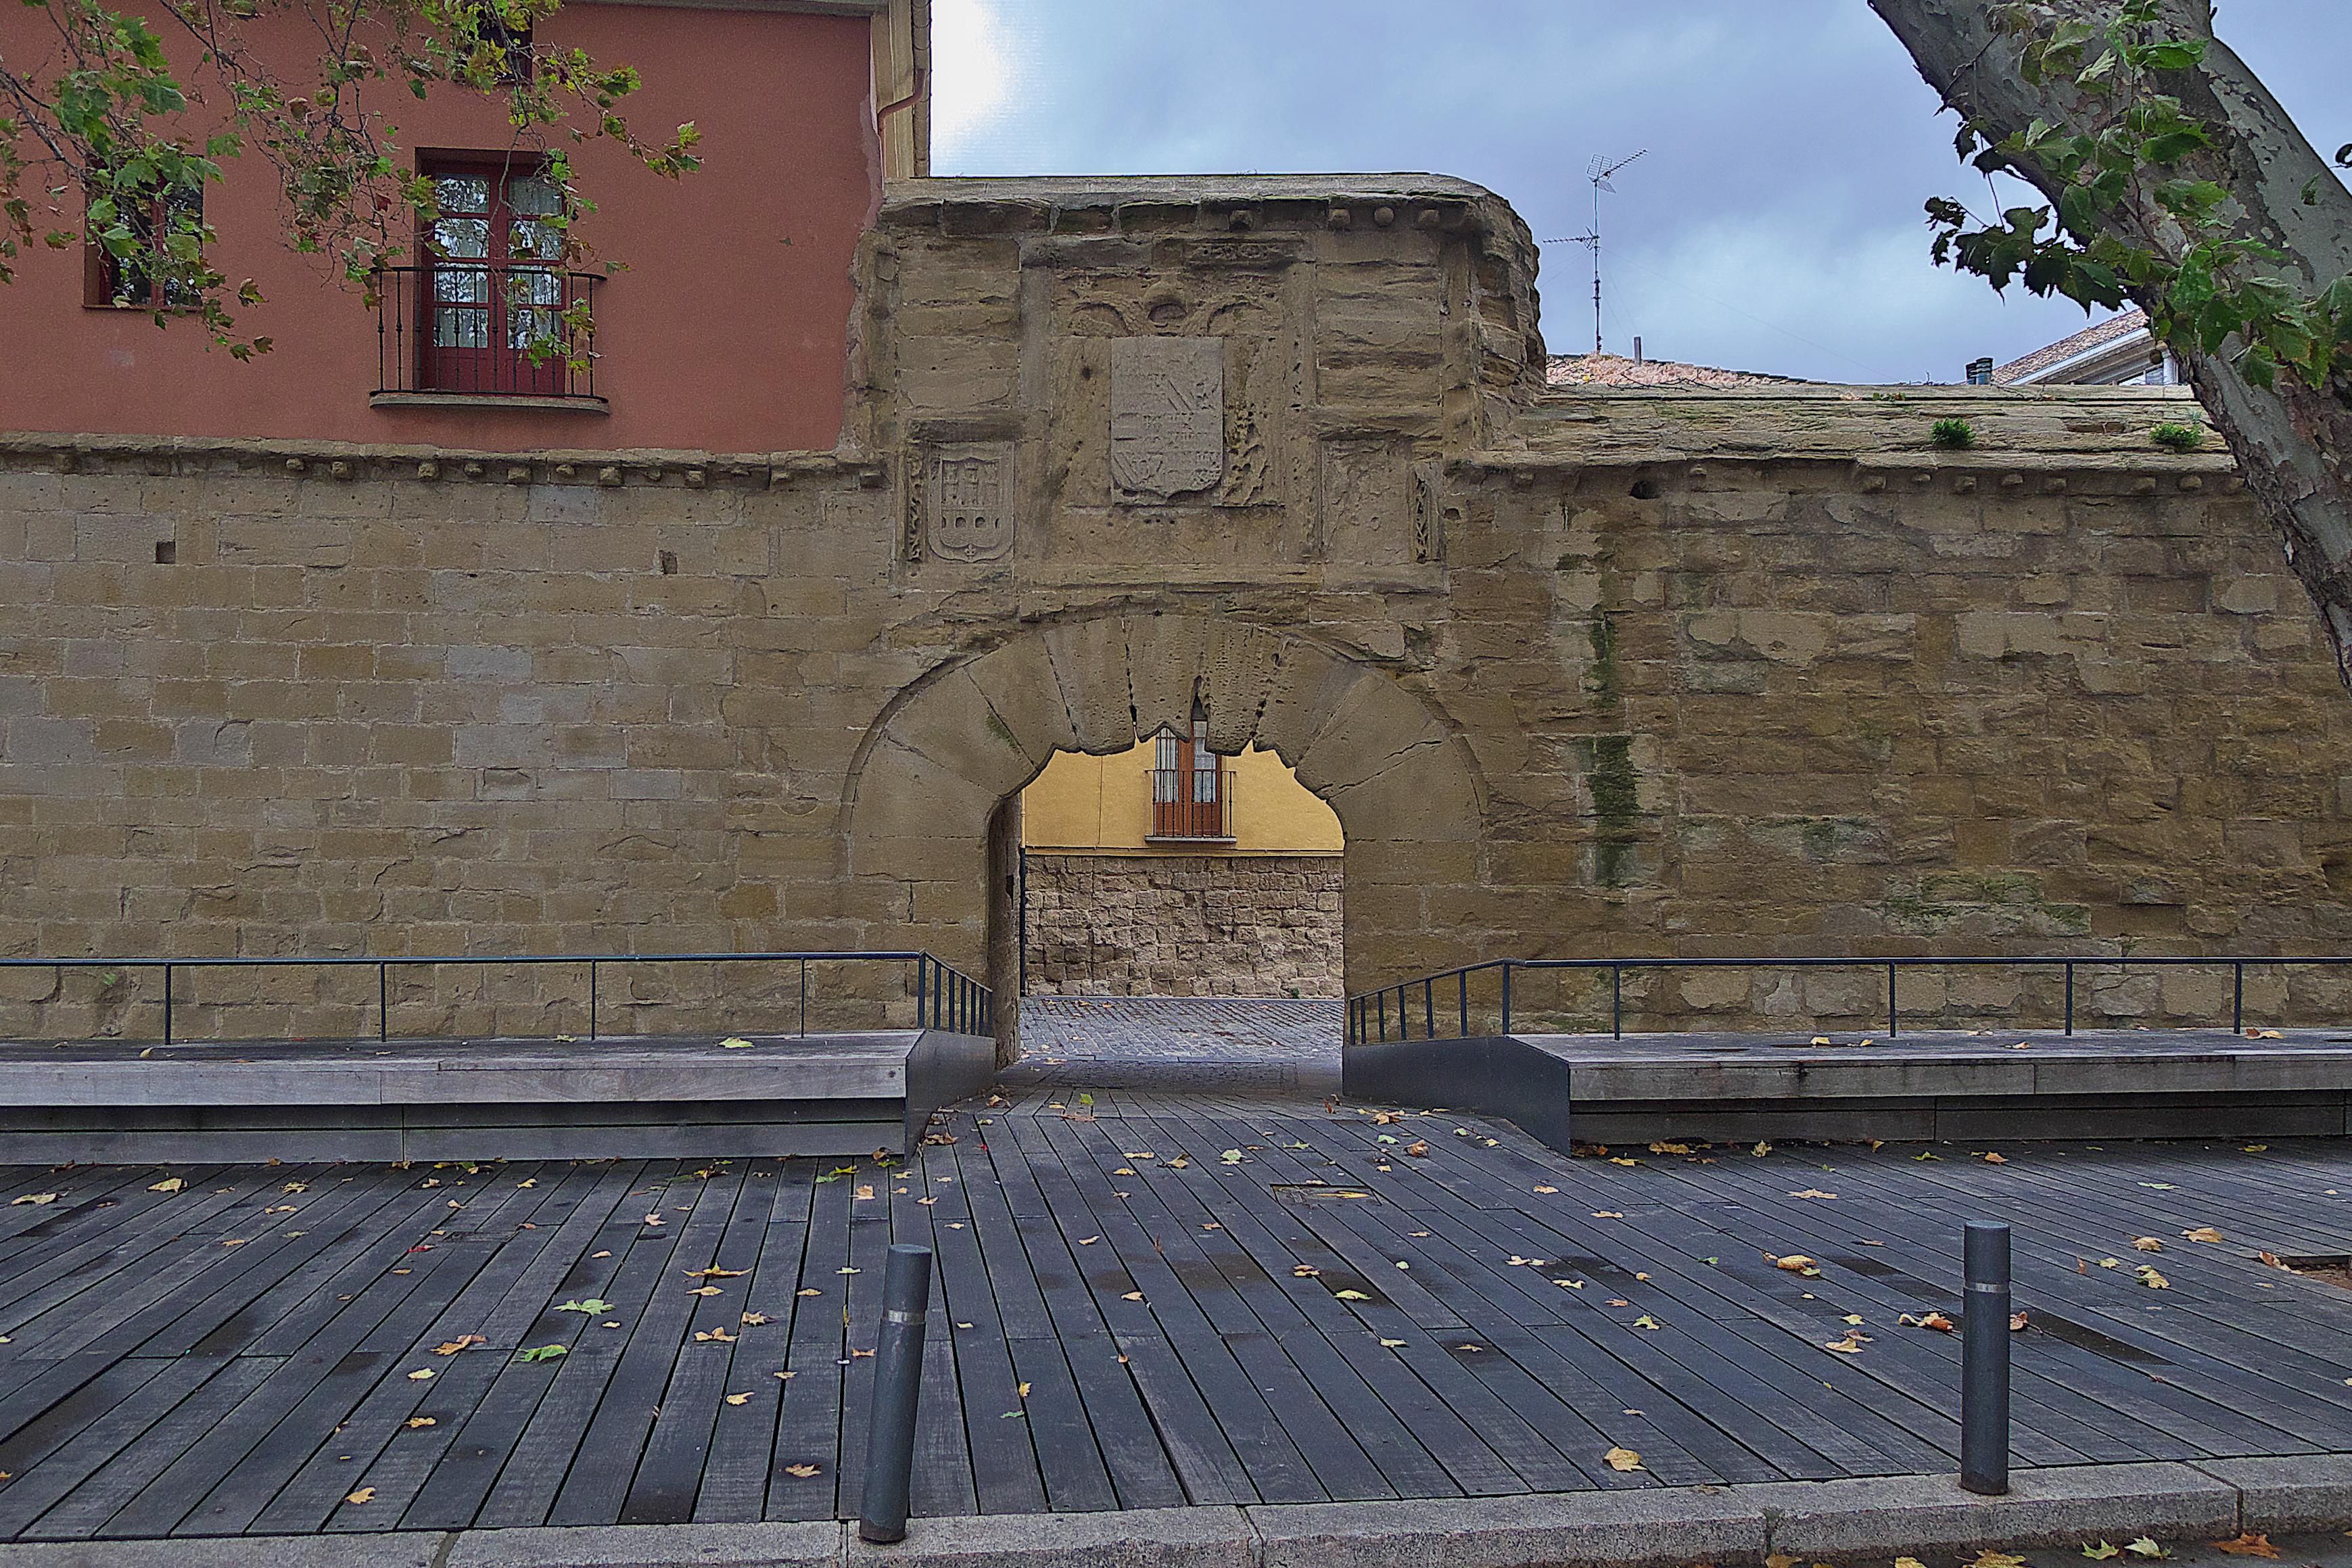 File:Puerta de Carlos V. Murallas (Logroño).jpg - Wikimedia Commons